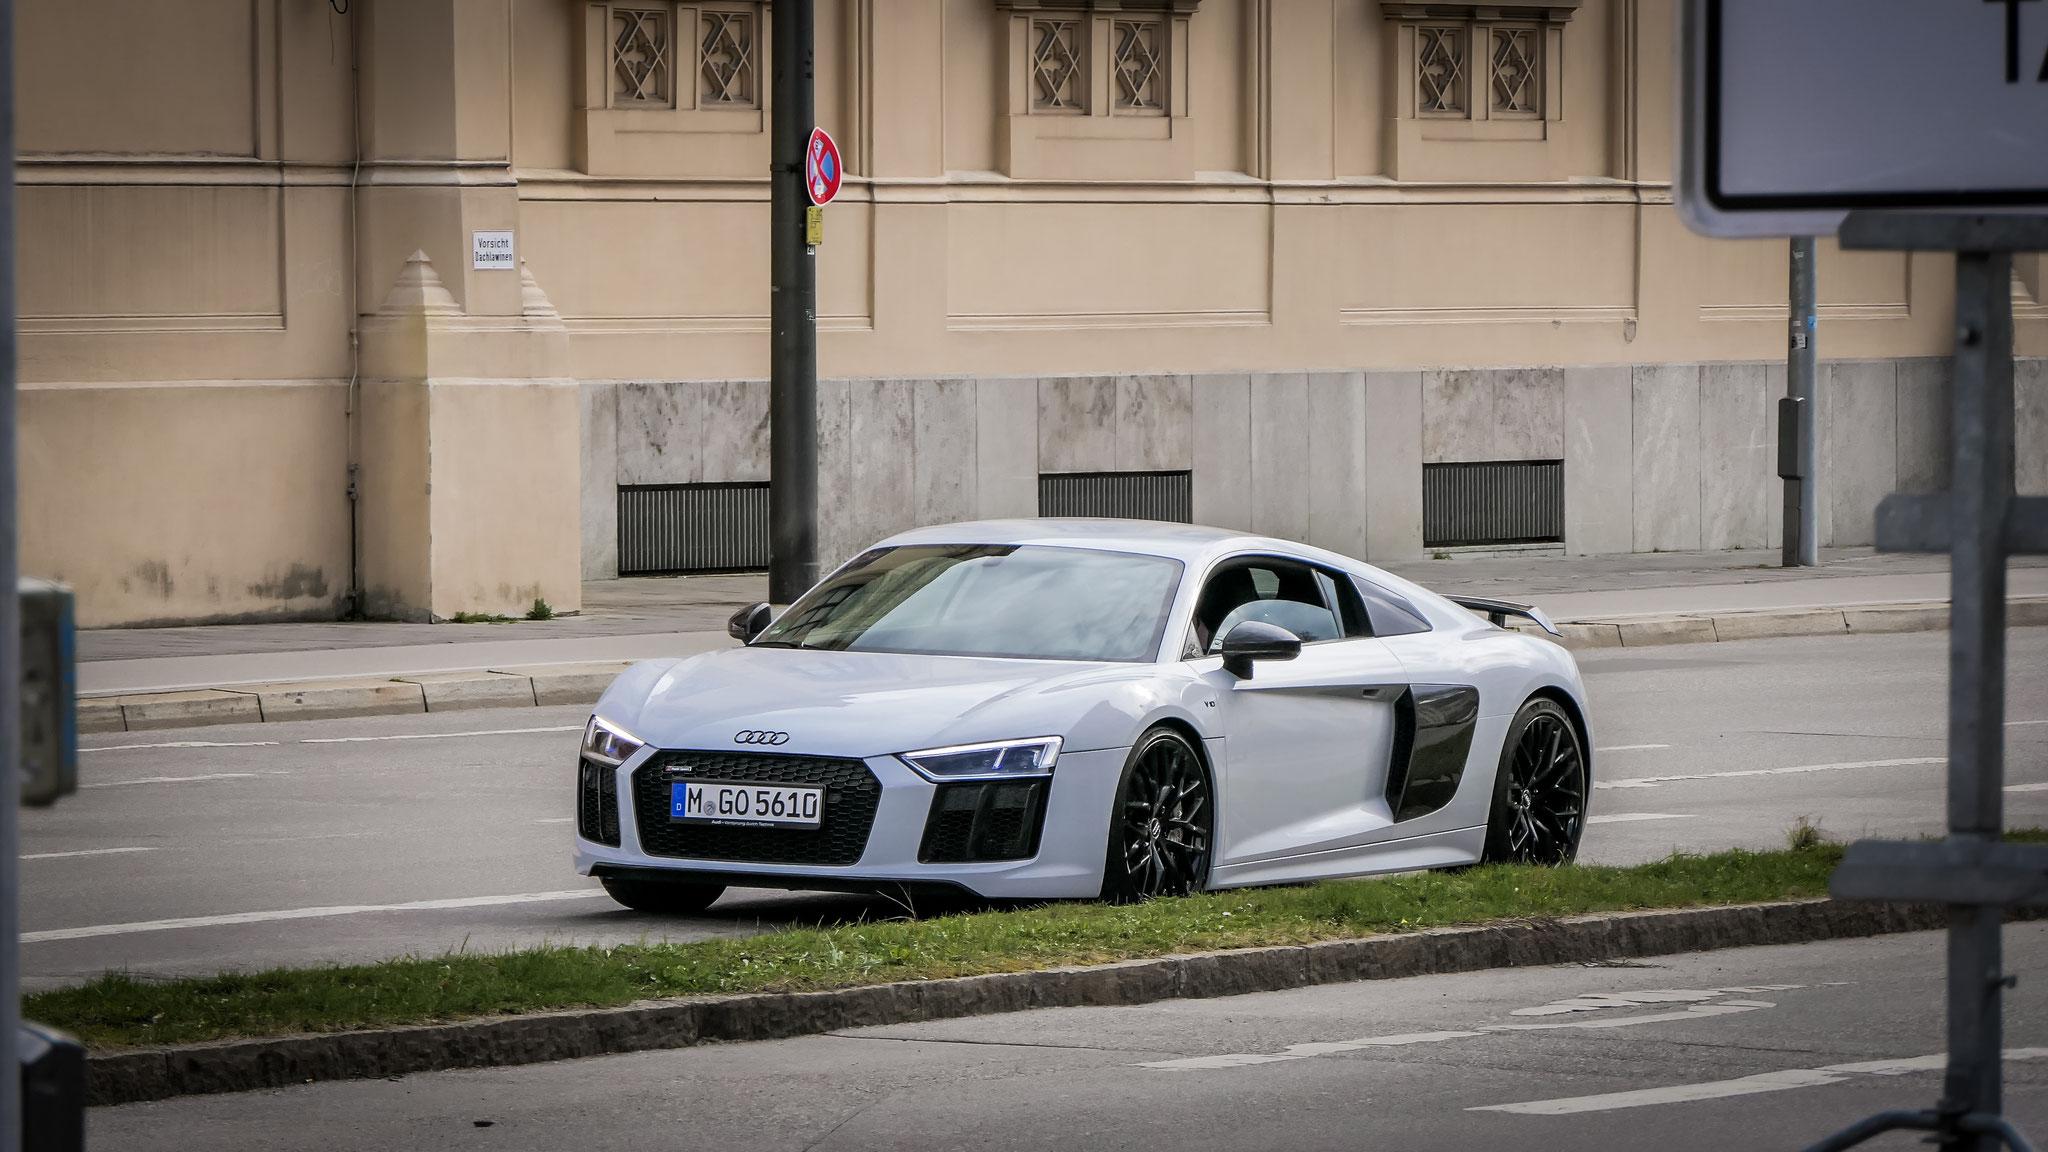 Audi R8 V10 - M-GO-5610